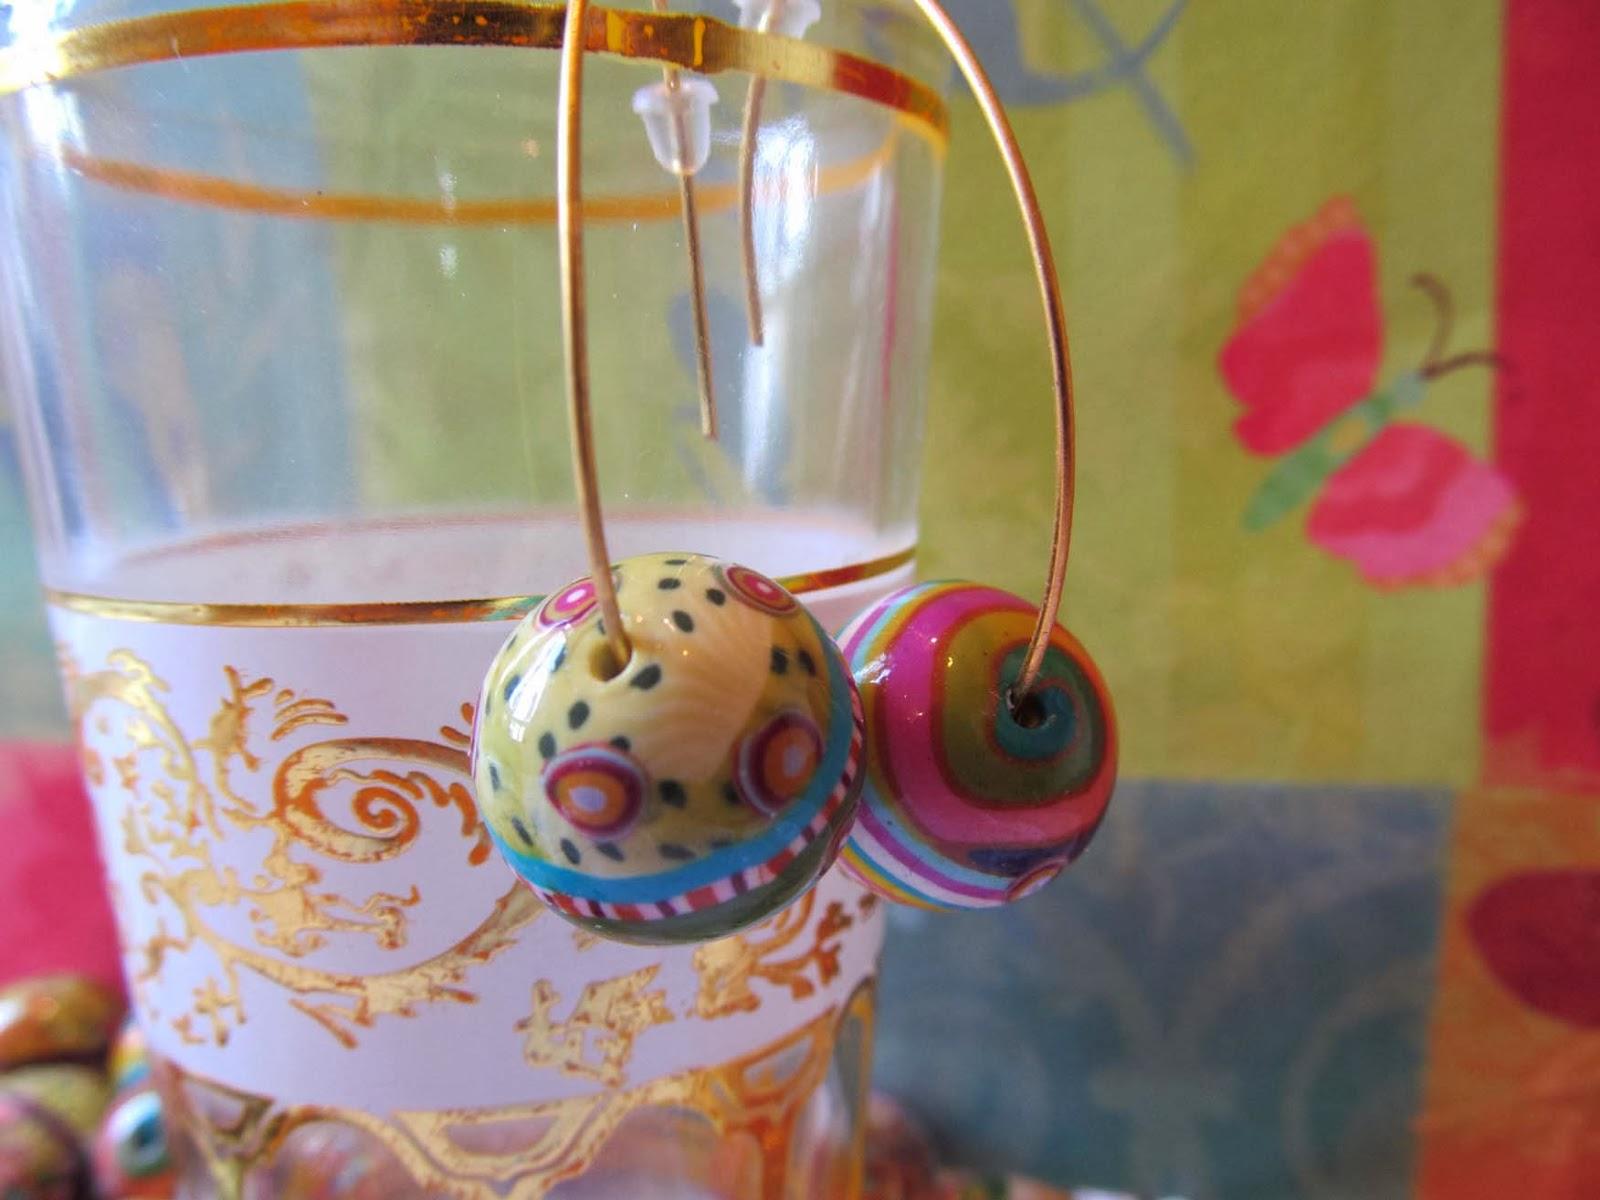 חימר פולימרי, חרוזי פימו,חרוזי חימר פולימרי,גלילי פימו,גלילי חימר פולימרי fimo beads,polymer clay beads,עגילי פימו,fimo earring,polymer clay earring,